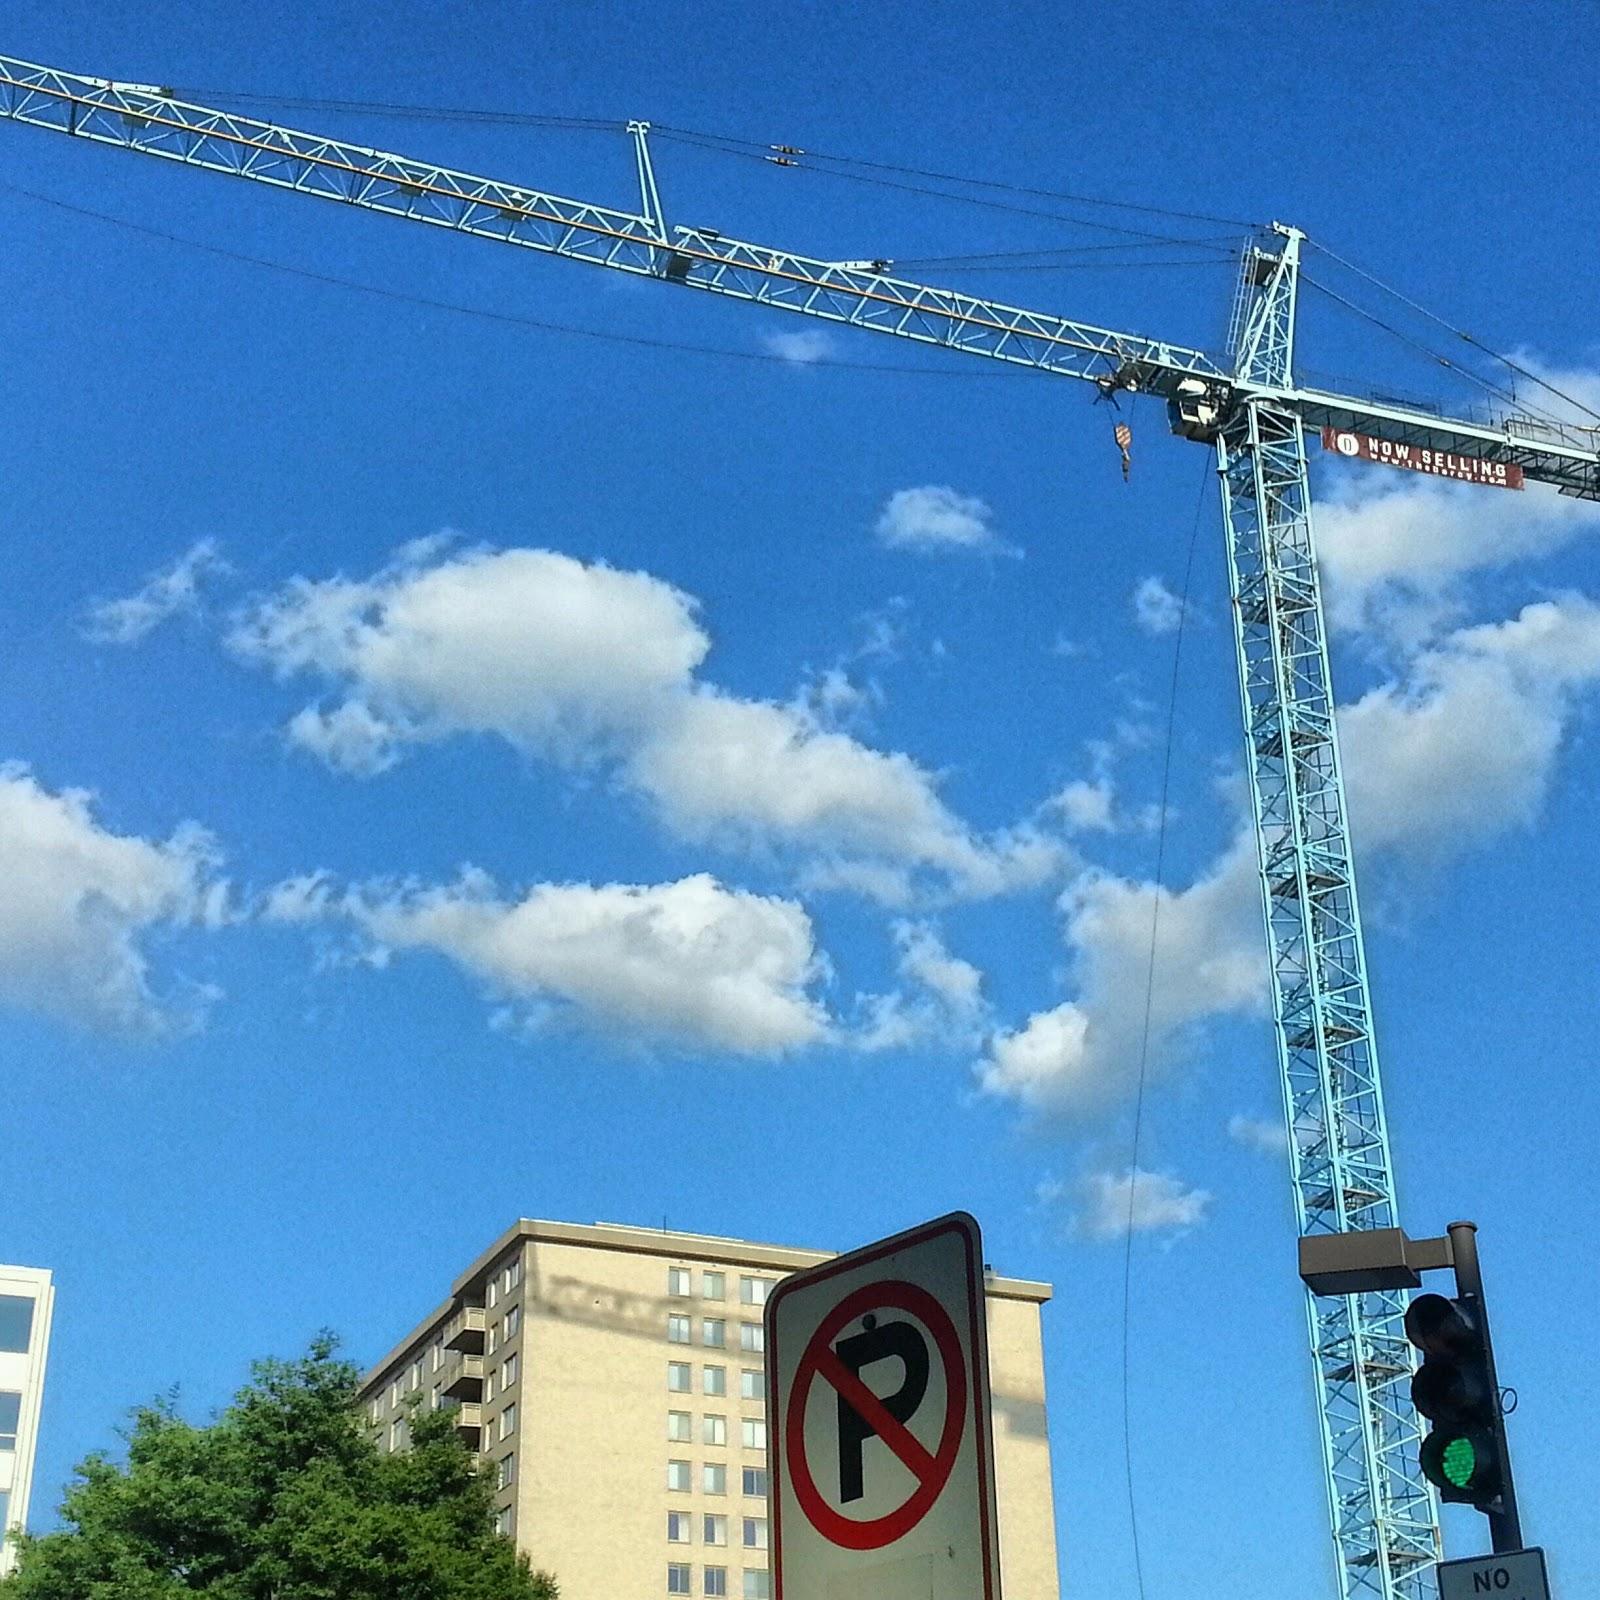 Tower Crane Signals : Robert dyer bethesda row new tower crane assembled at